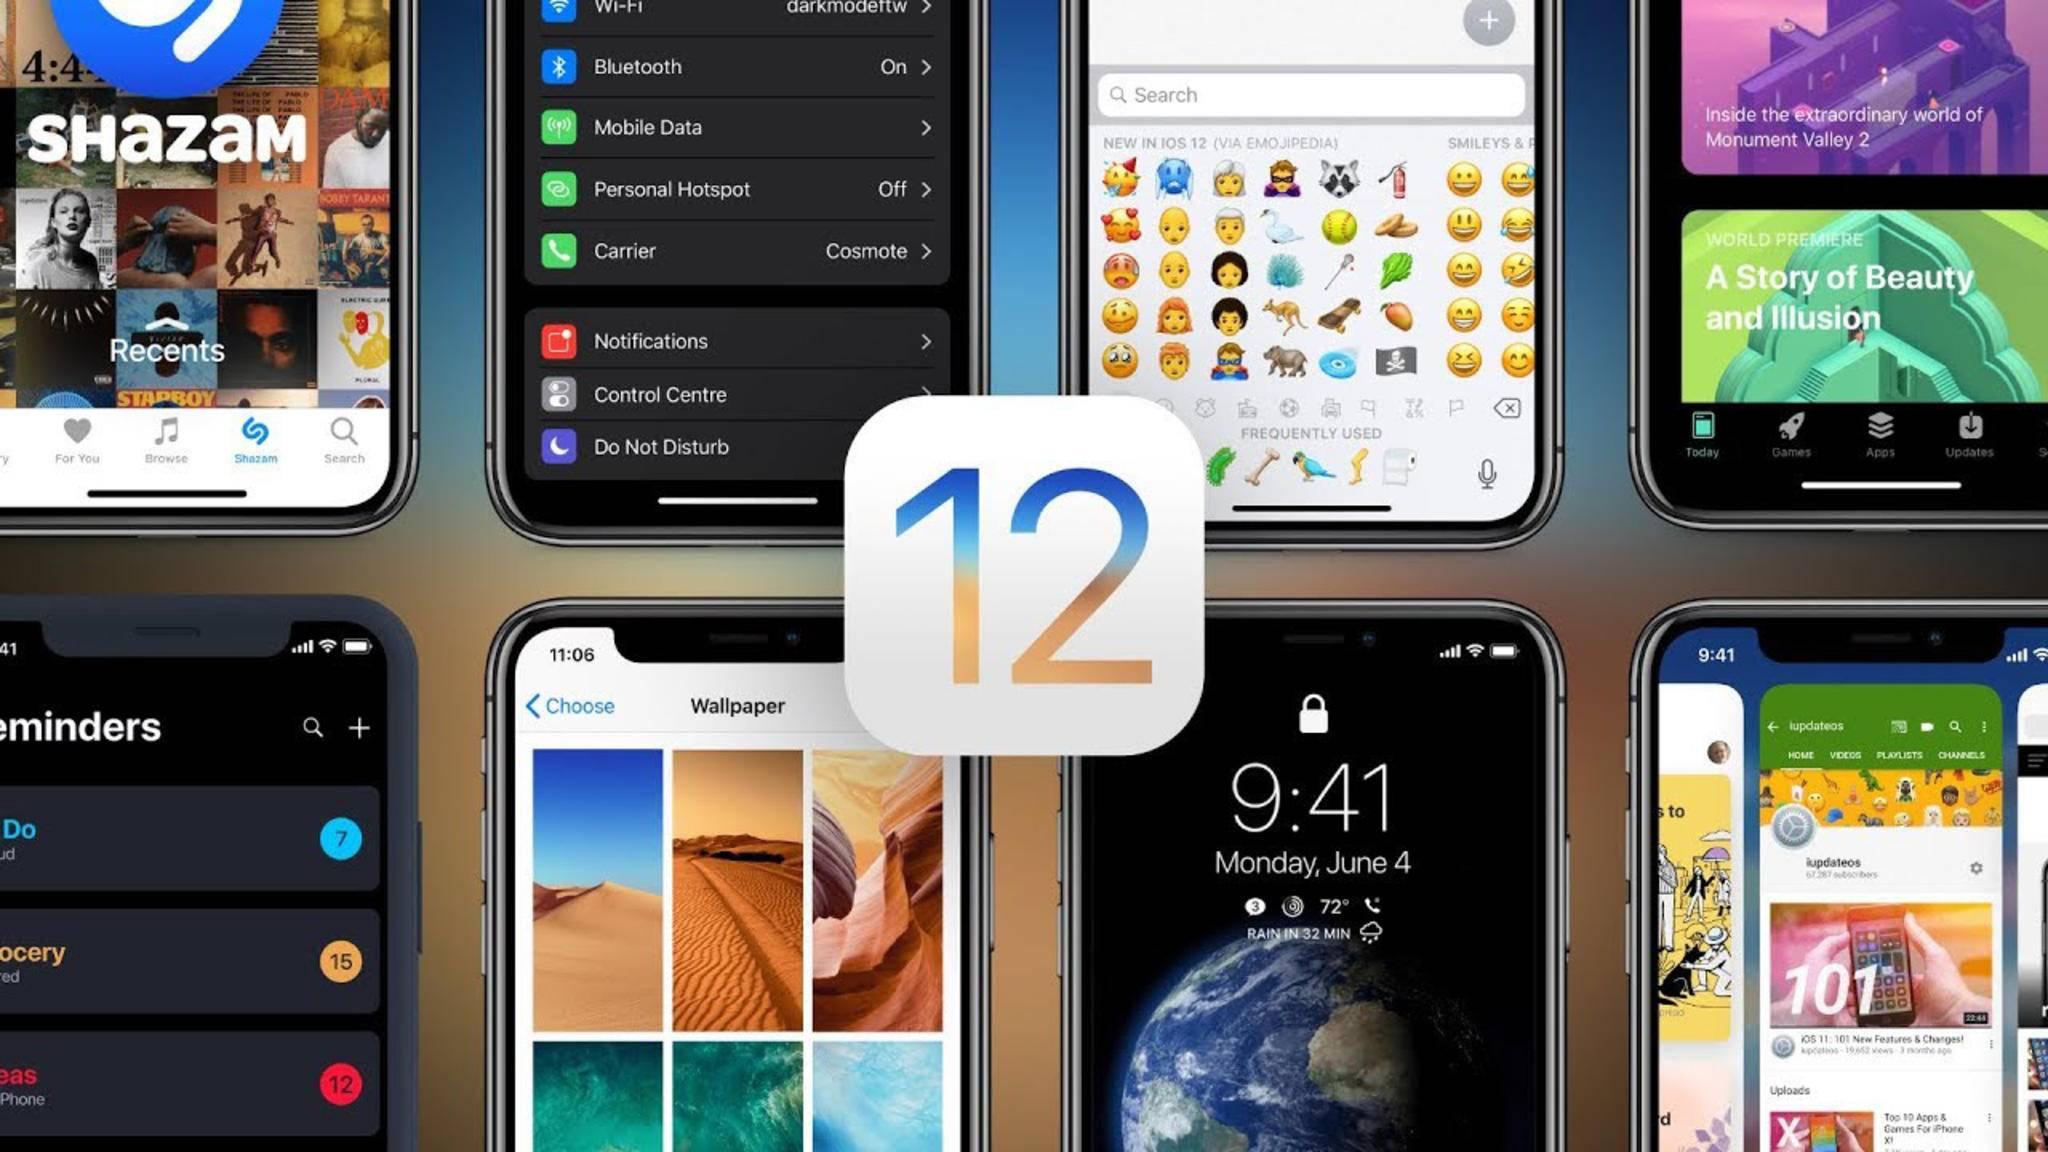 Welche neuen Features iOS 12 bieten wird, enthüllt Apple im Rahmen der WWDC 2018.